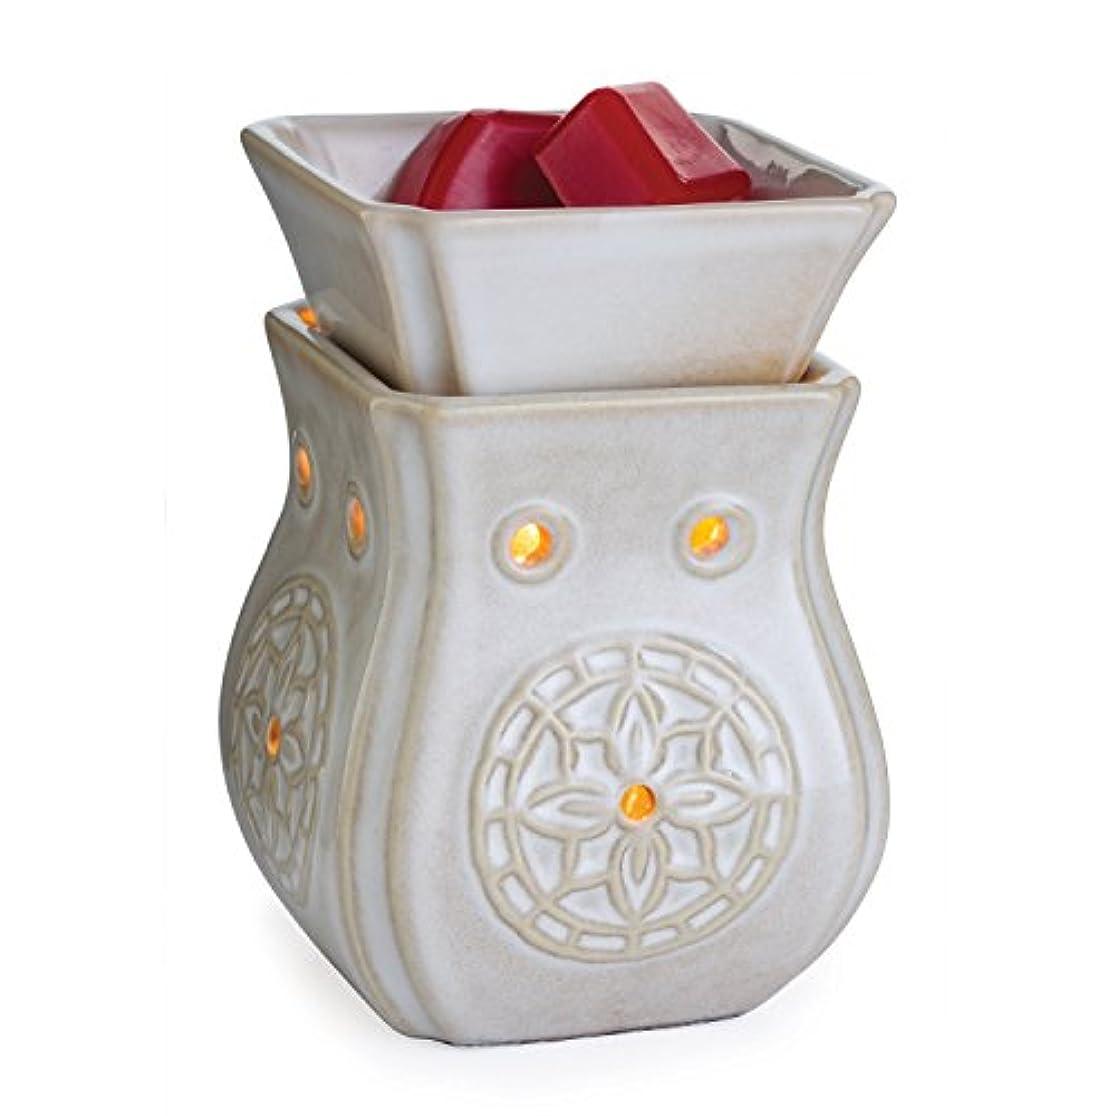 信じる天才とらえどころのない(Insignia) - Candle Warmers Illumination Fragrance Warmer, Insignia Midsize